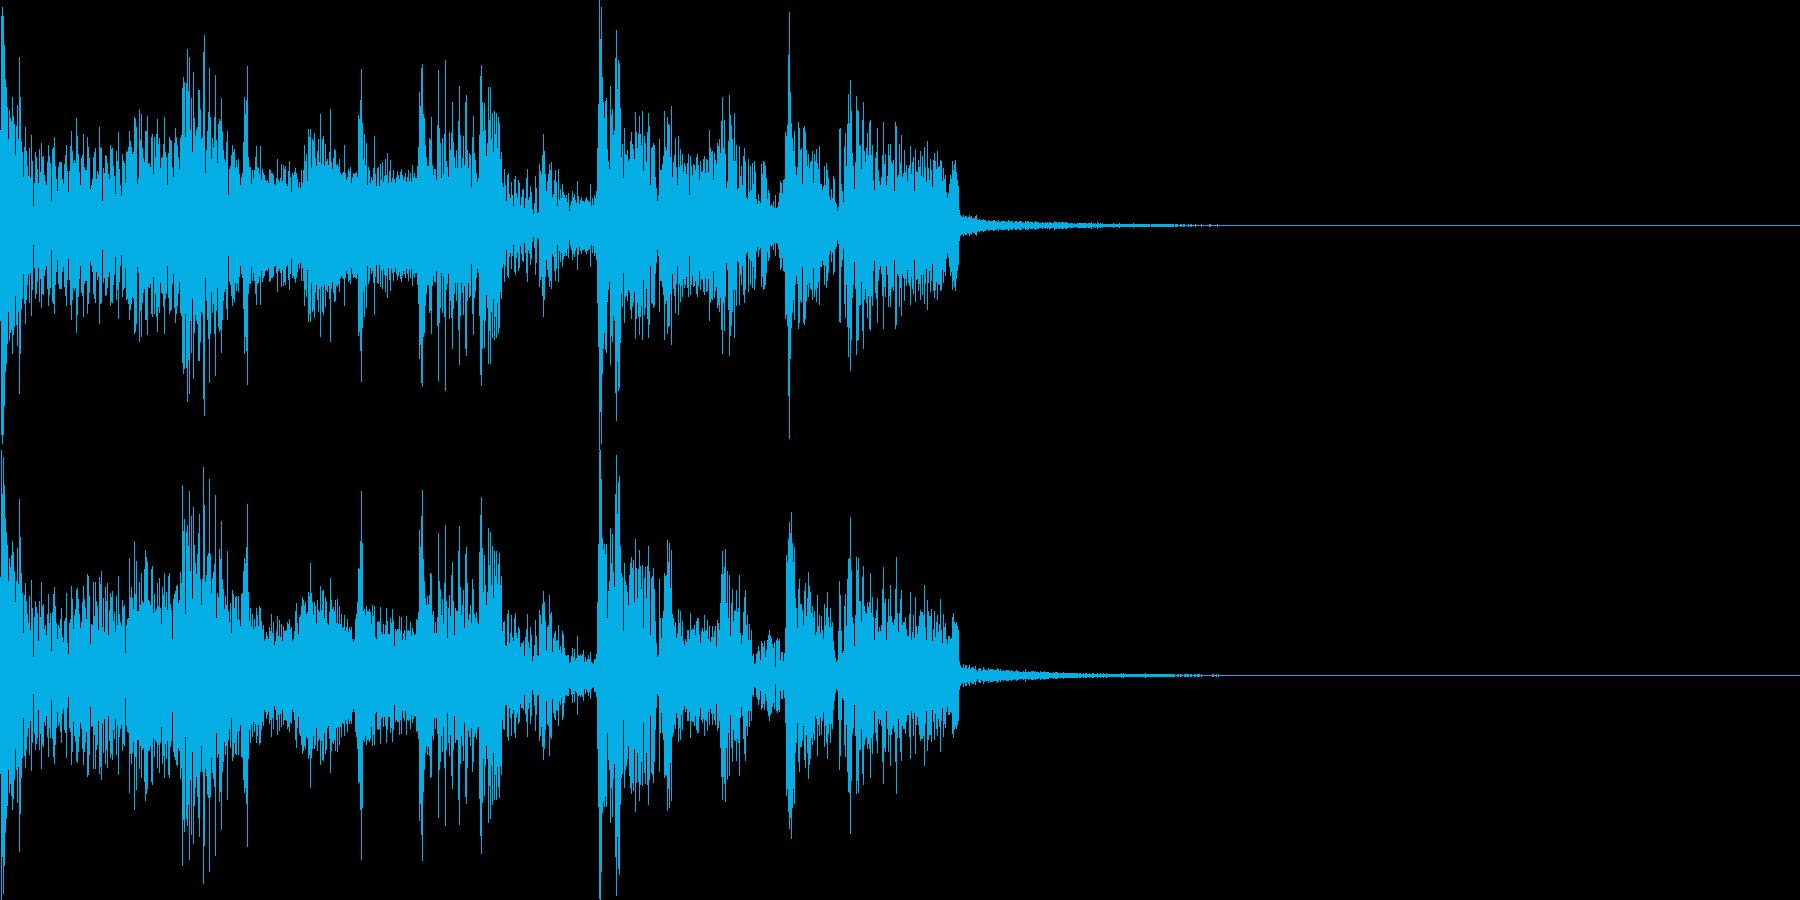 ハイテックでスラップベースなジングルの再生済みの波形